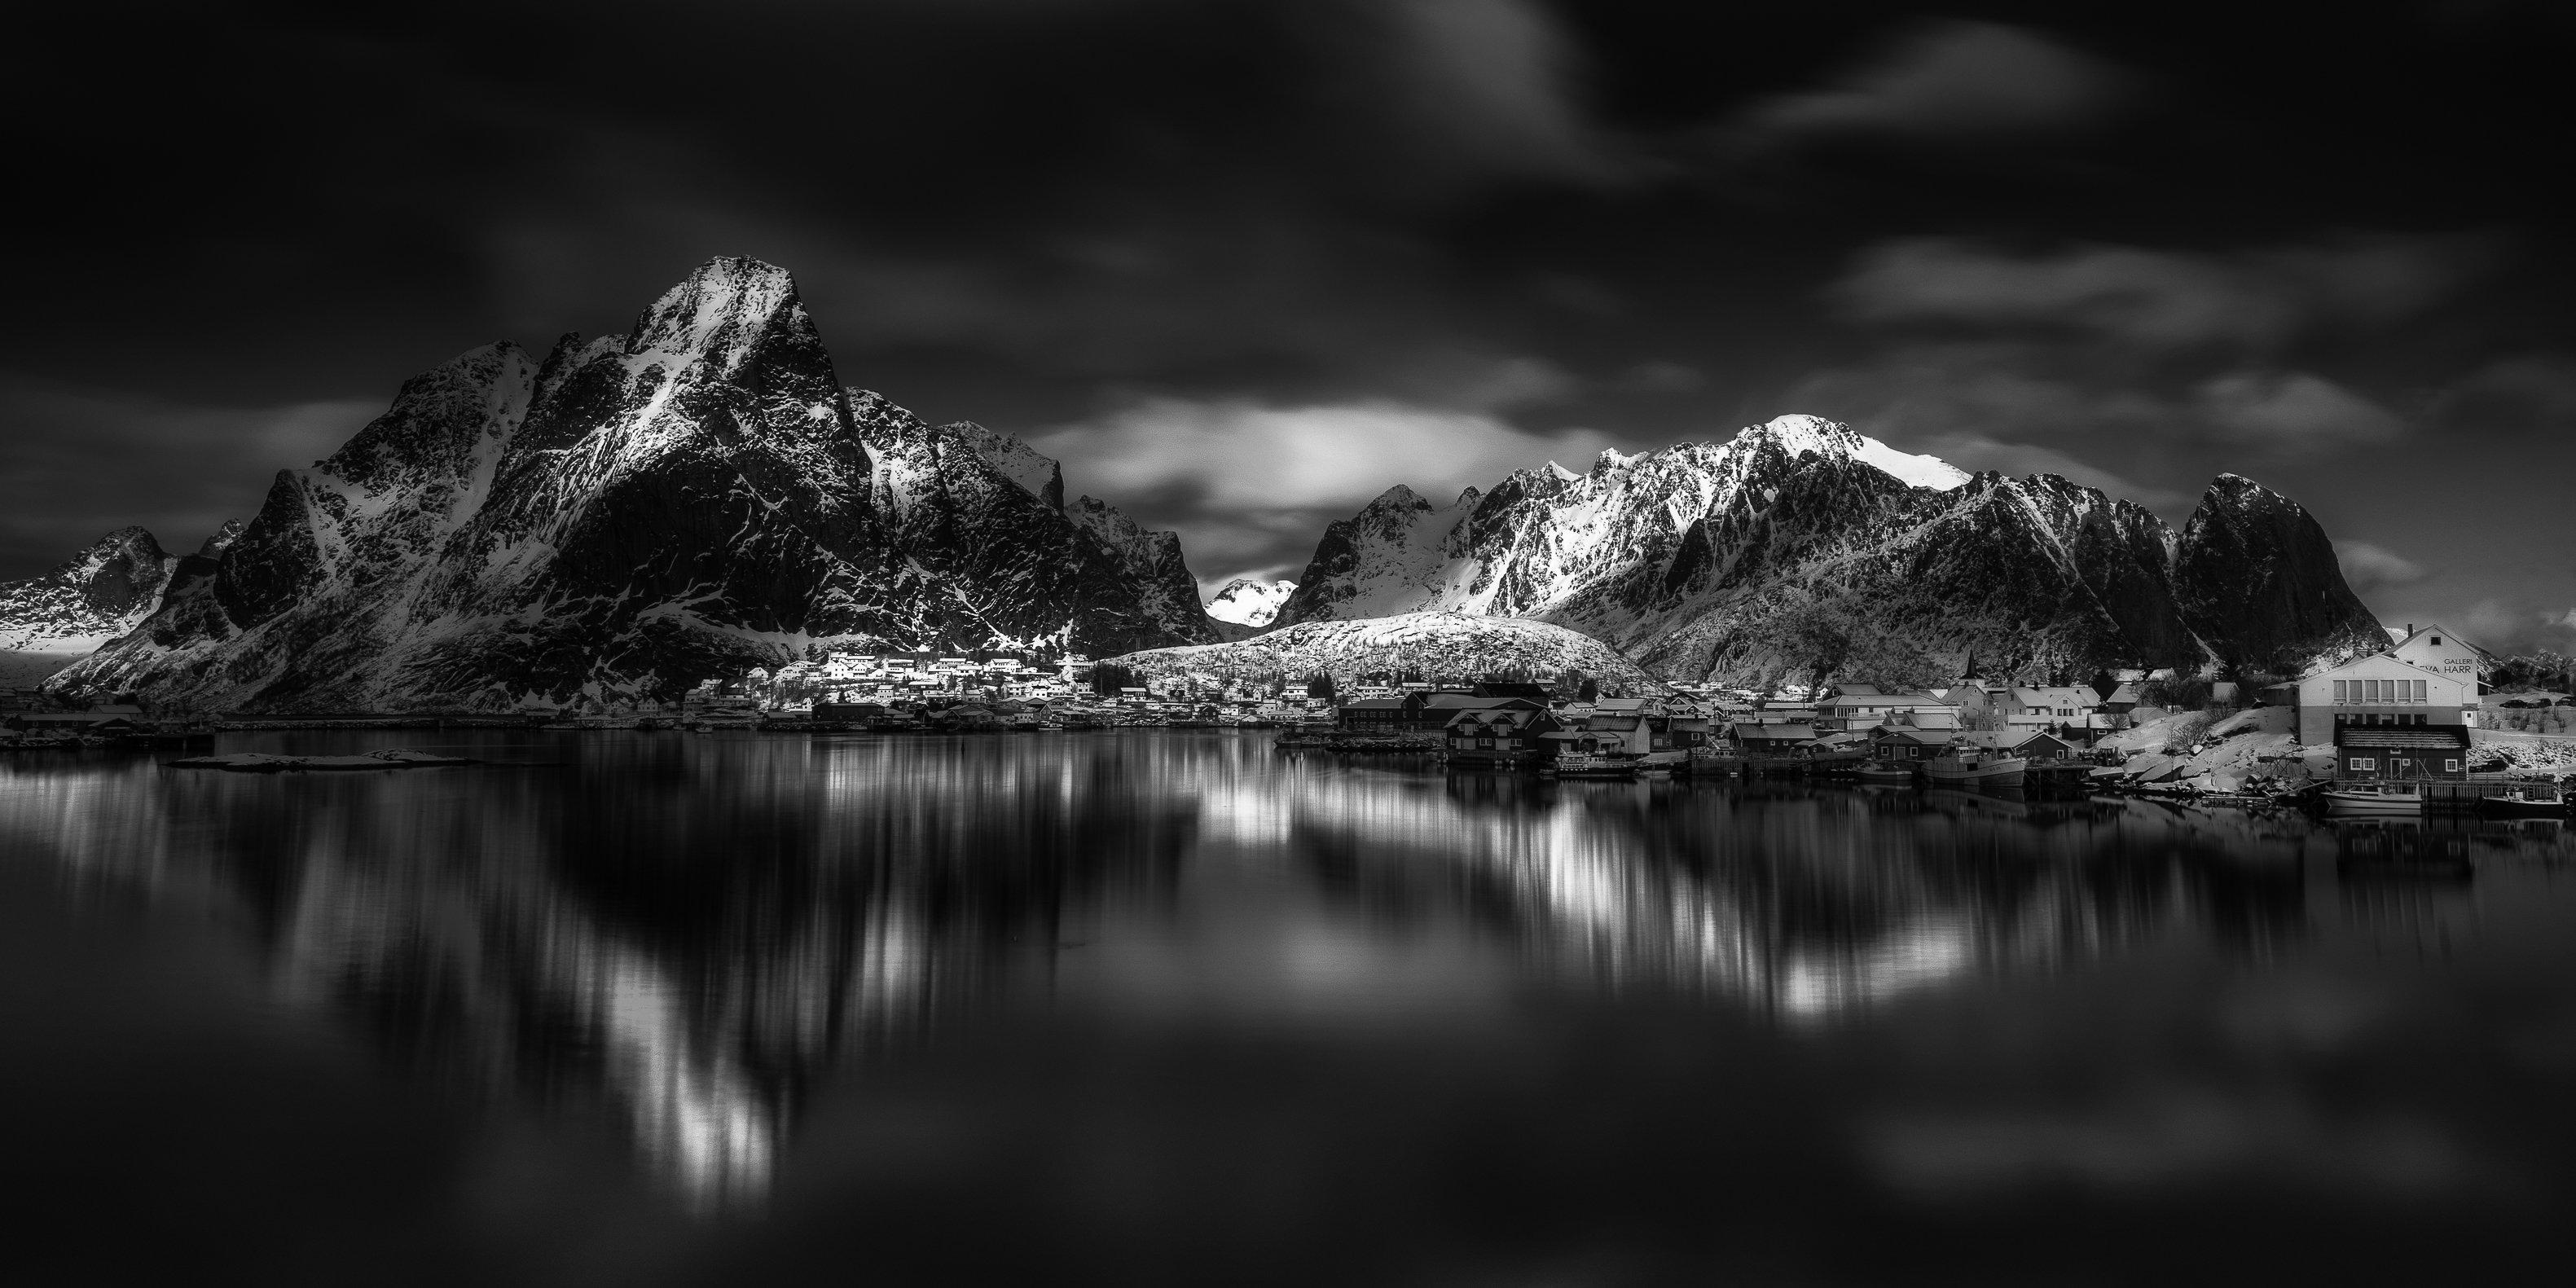 lofoten,bw,landscape, Marek Biegalski